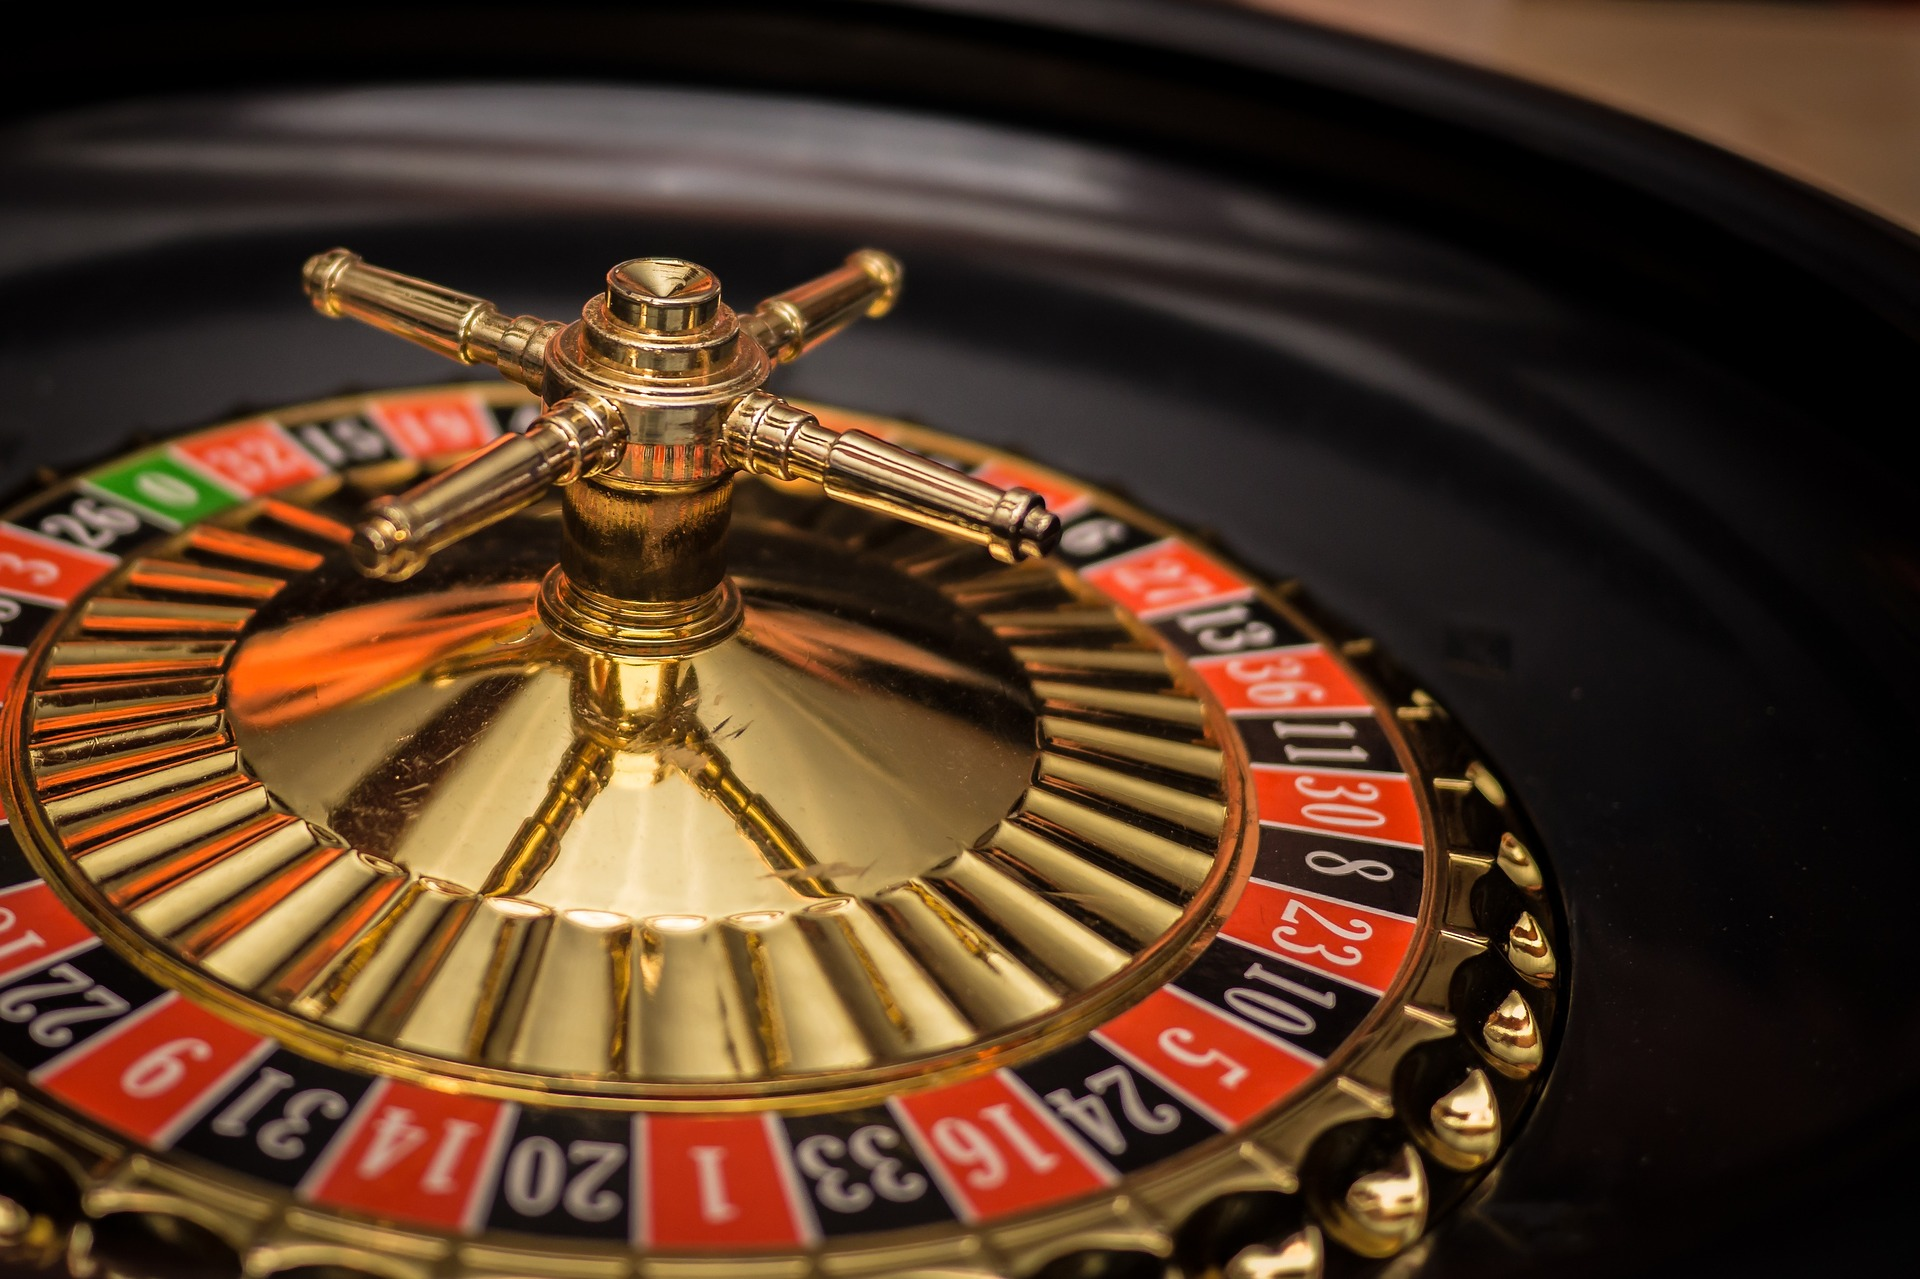 roulette-1264078_1920.jpg